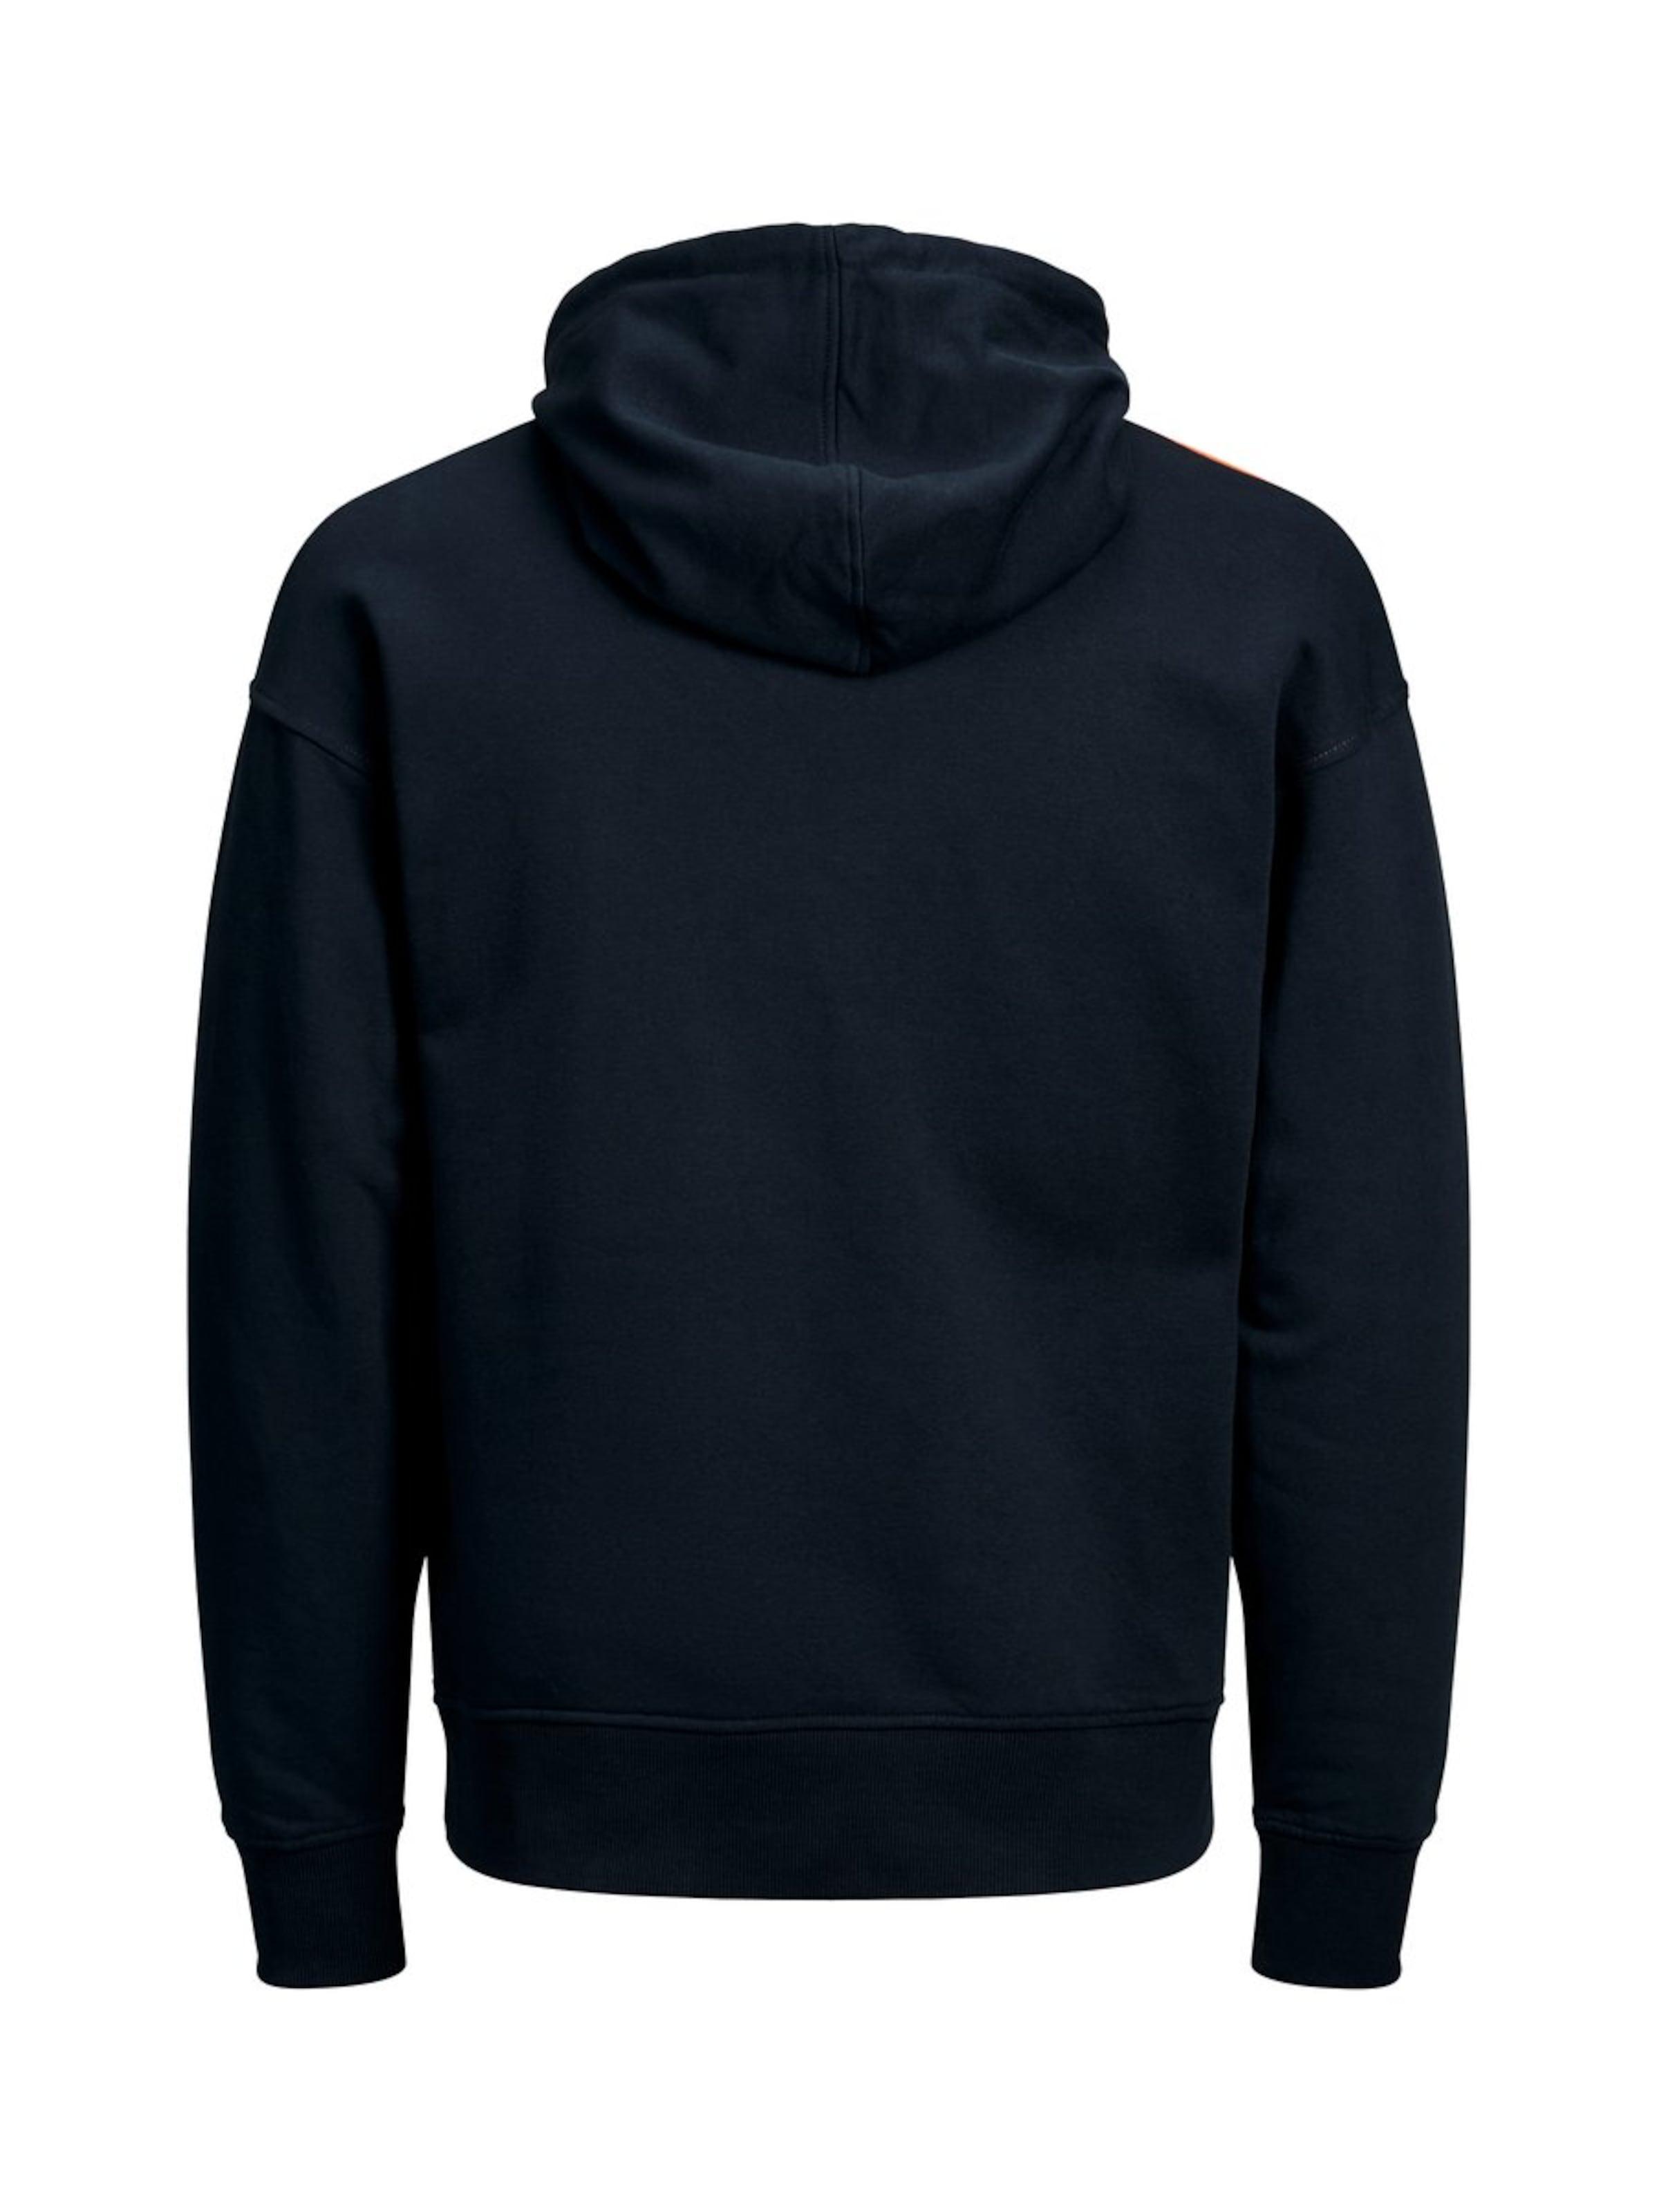 Sweatshirt NachtblauOrange In Jackamp; In Sweatshirt Jackamp; Jones Jones NachtblauOrange gbfYy76